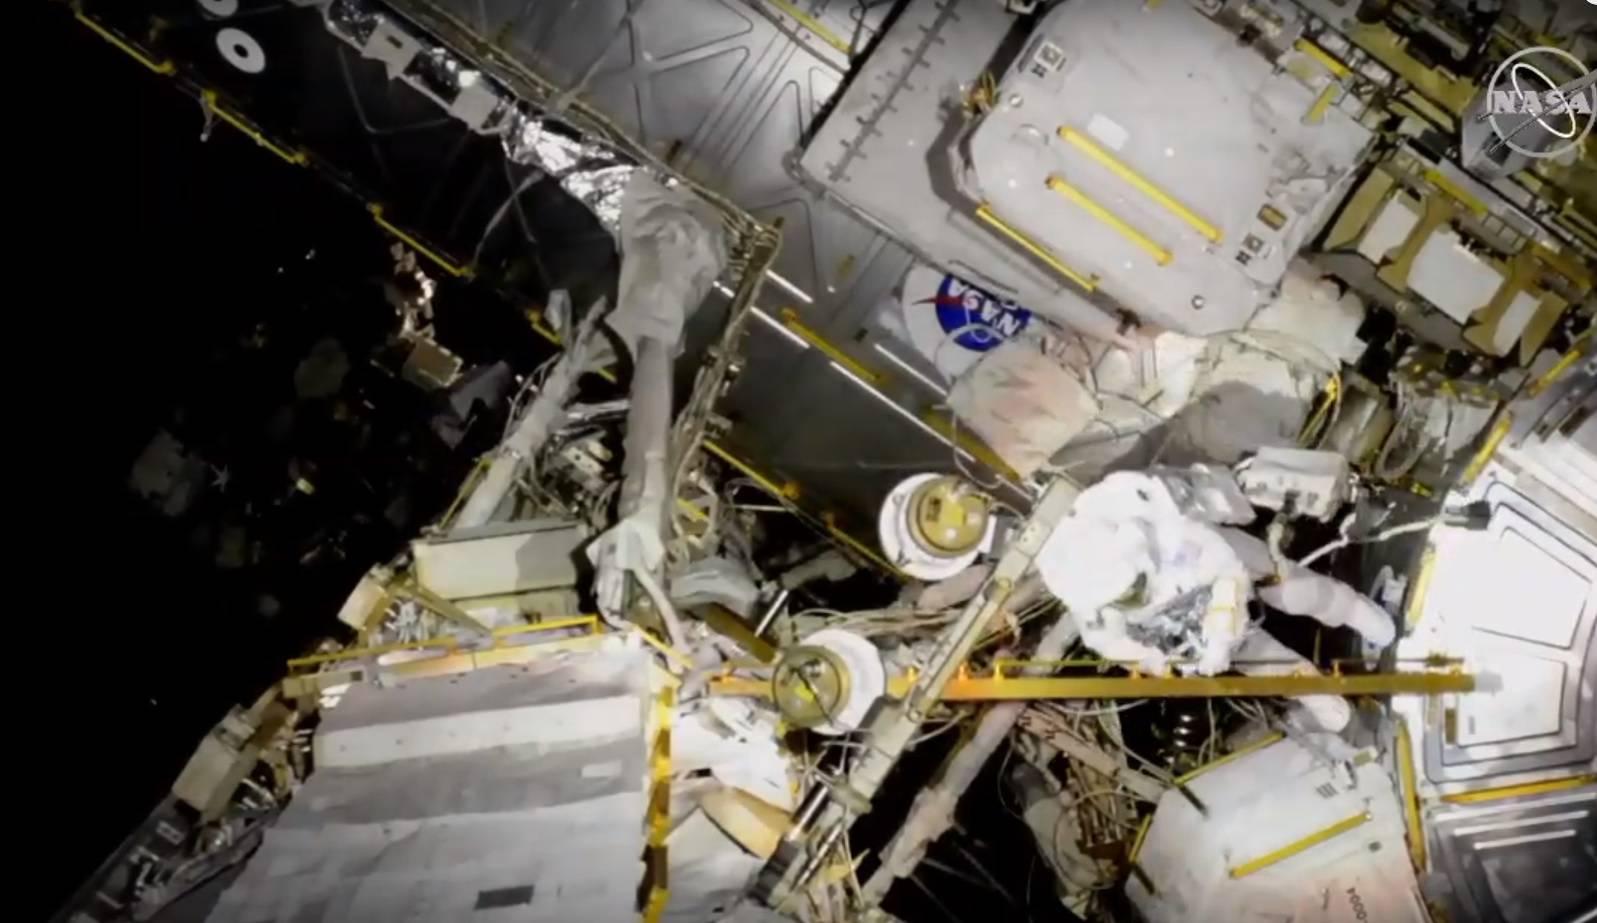 Astronauti u svemirskoj šetnji, morat će zamijeniti baterije